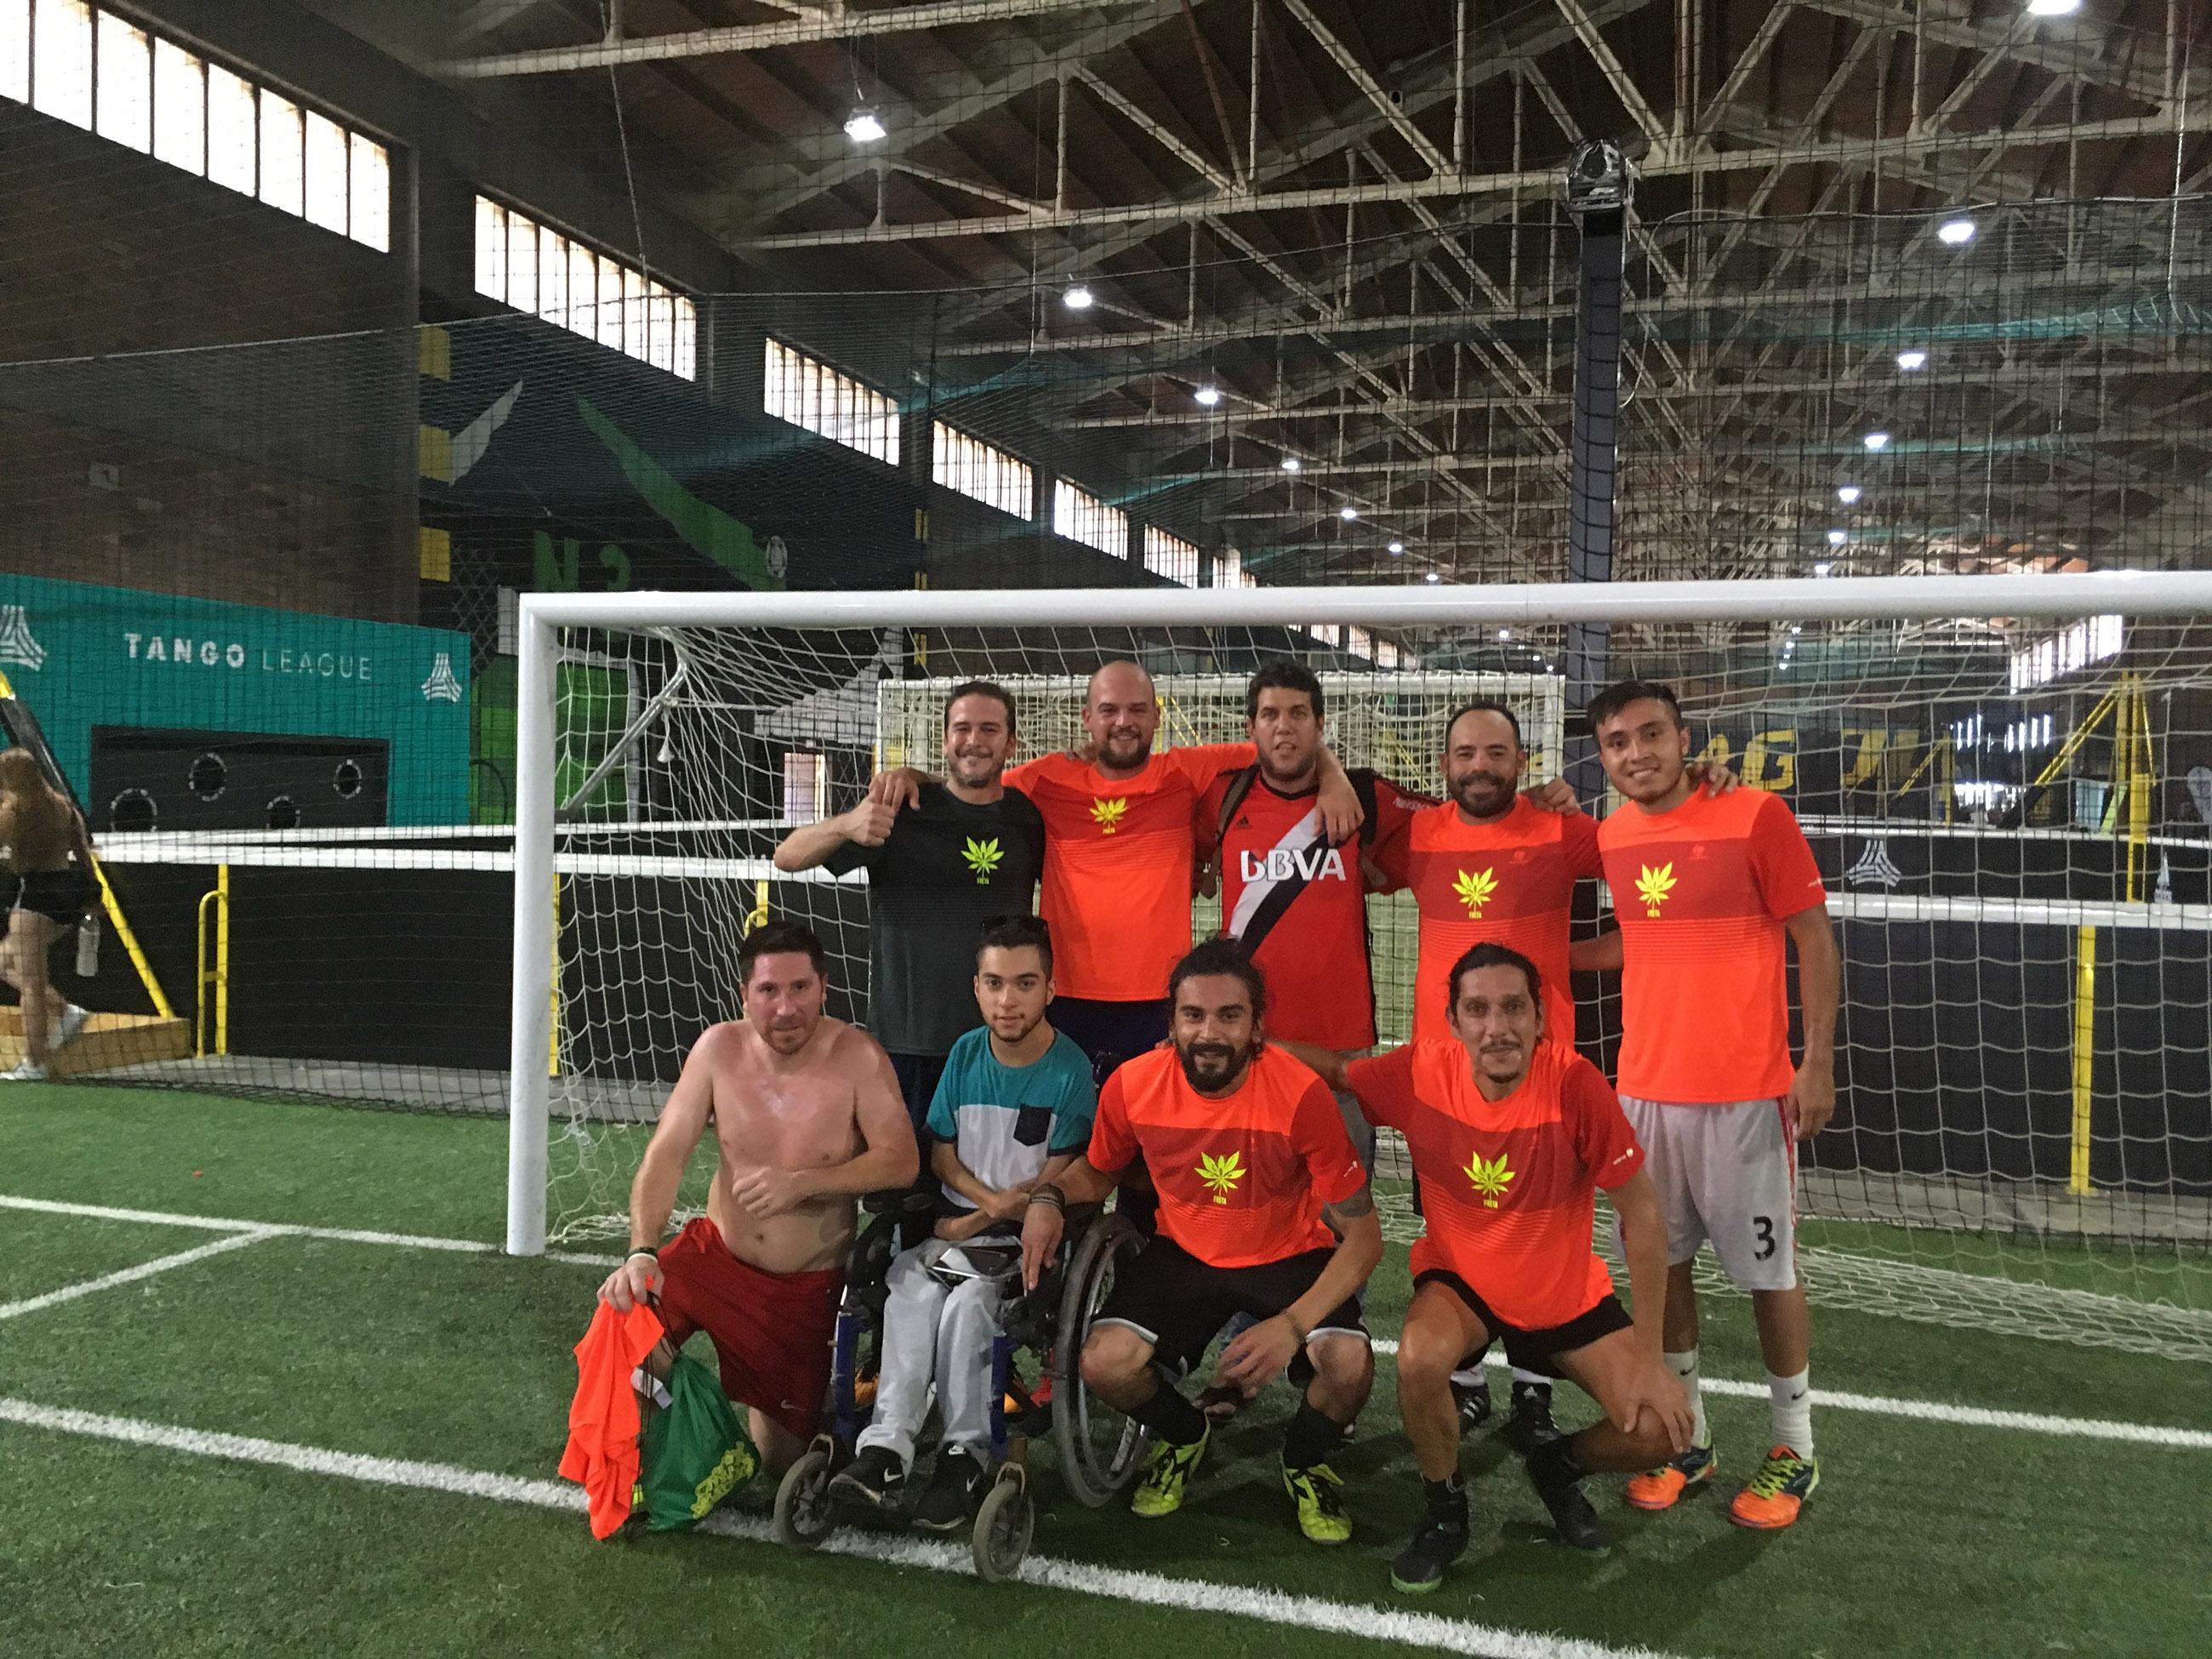 Auf dem Foto befindet sich die Fußballauswahl des spanischen Cannabis Clubs Freya. Insgesamt sind sieben Männer in orangenen Trikots zu sehen, die vor einem Tor auf einem Indoor-Fußballplatz stehen.